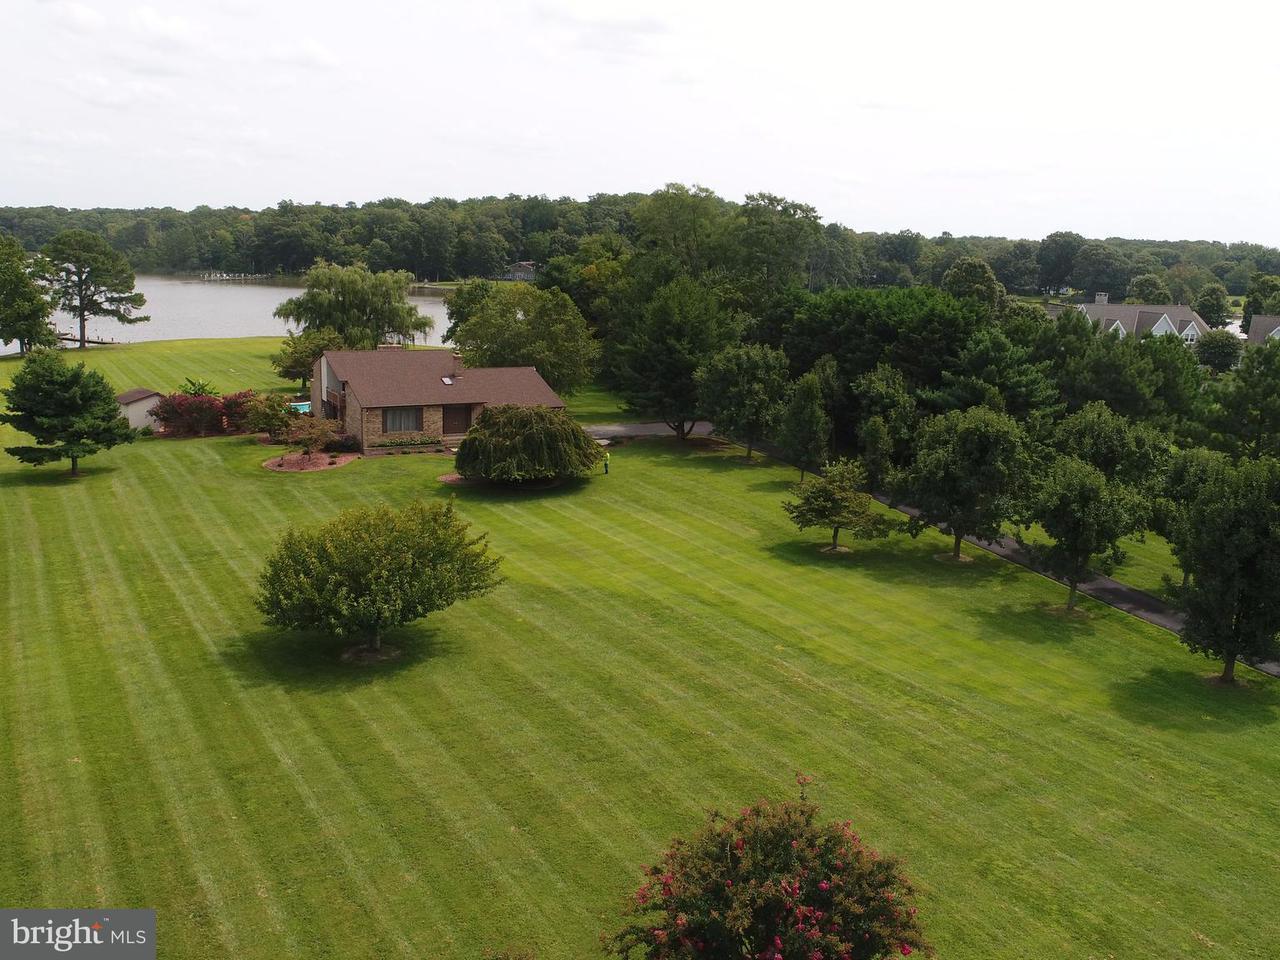 Villa per Vendita alle ore 609 PROSPECT BAY DR E 609 PROSPECT BAY DR E Grasonville, Maryland 21638 Stati Uniti